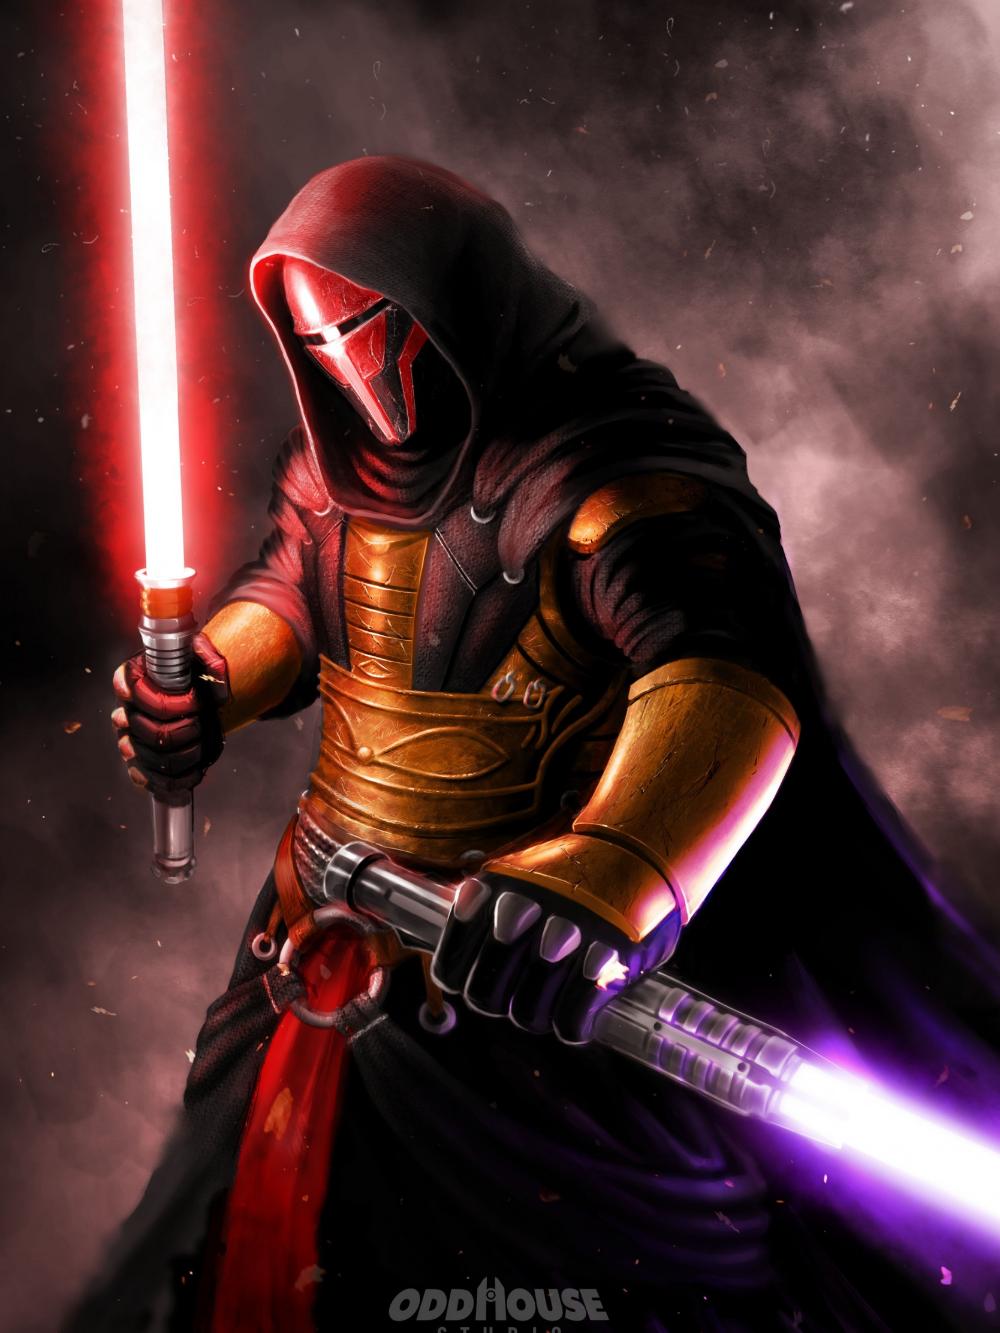 Darth Revan 4k Wallpaper Wallpaper In 2020 Star Wars The Old Star Wars History Star Wars Empire